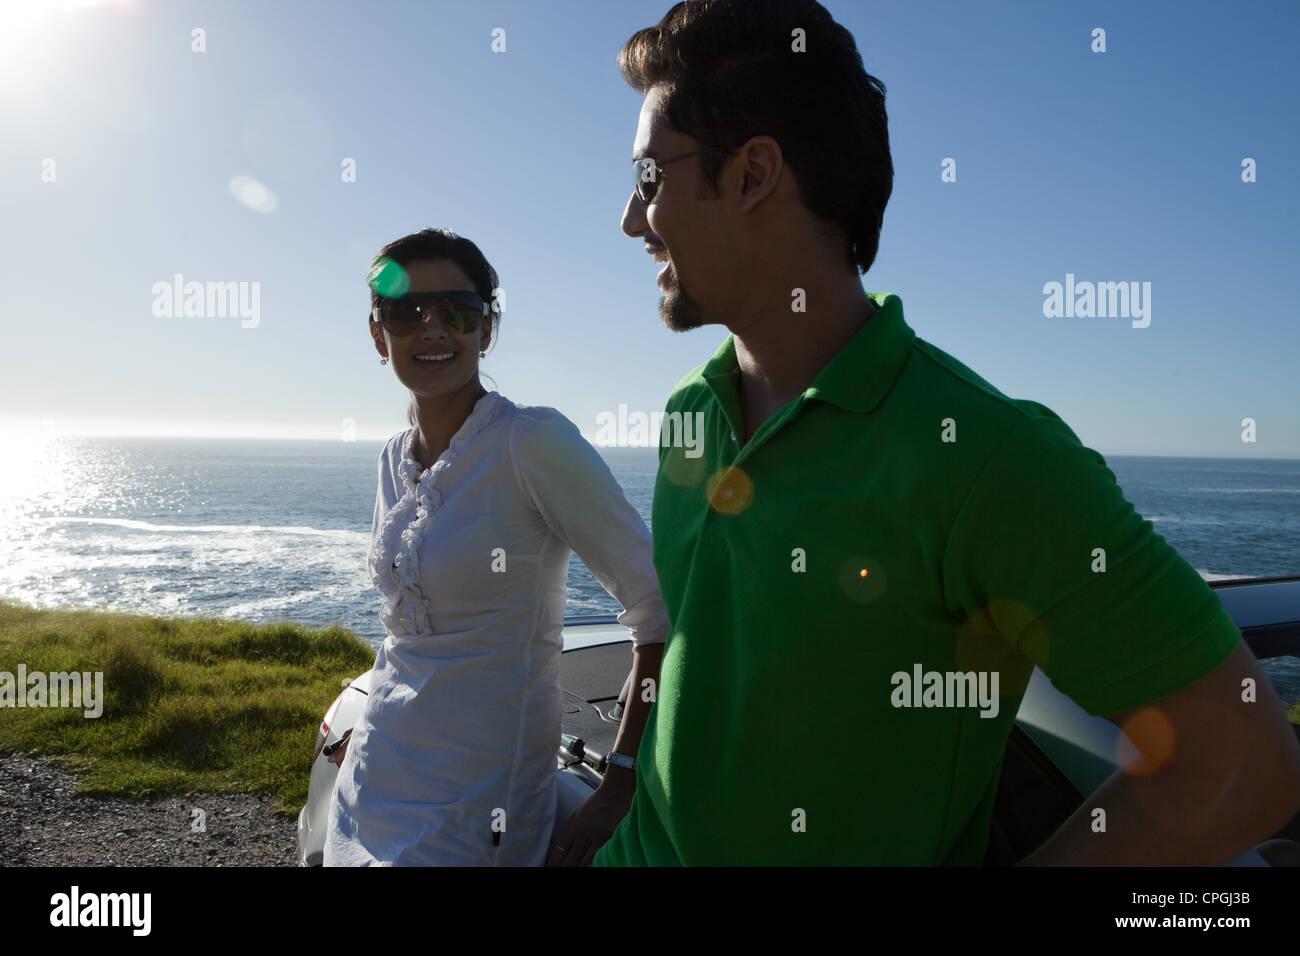 Giovane appoggiata contro convertibile dal mare. Immagini Stock